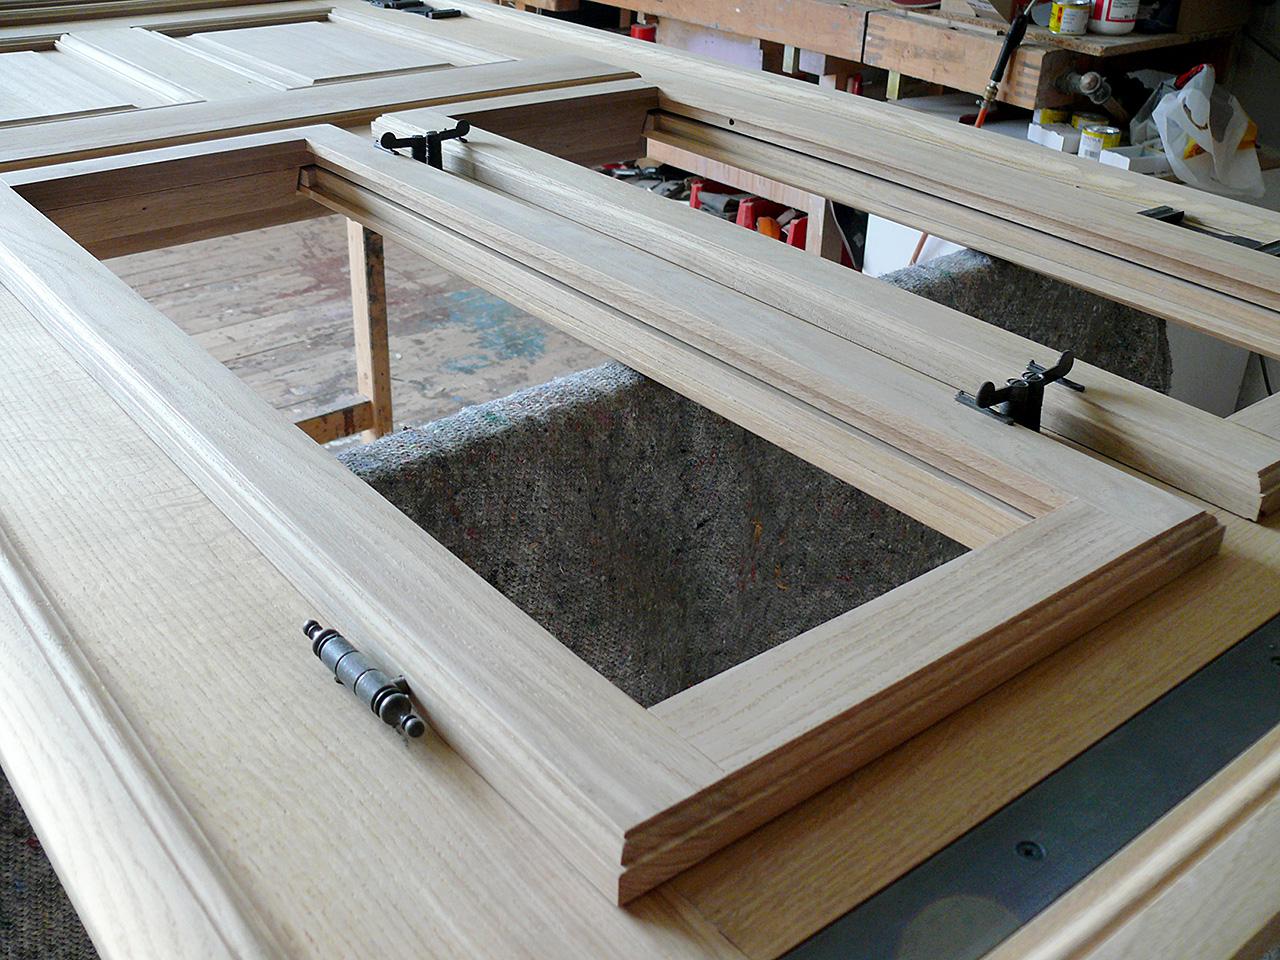 holzfenster oder kunststofffenster wo liegen die unterschiede was sollte man bei einer. Black Bedroom Furniture Sets. Home Design Ideas